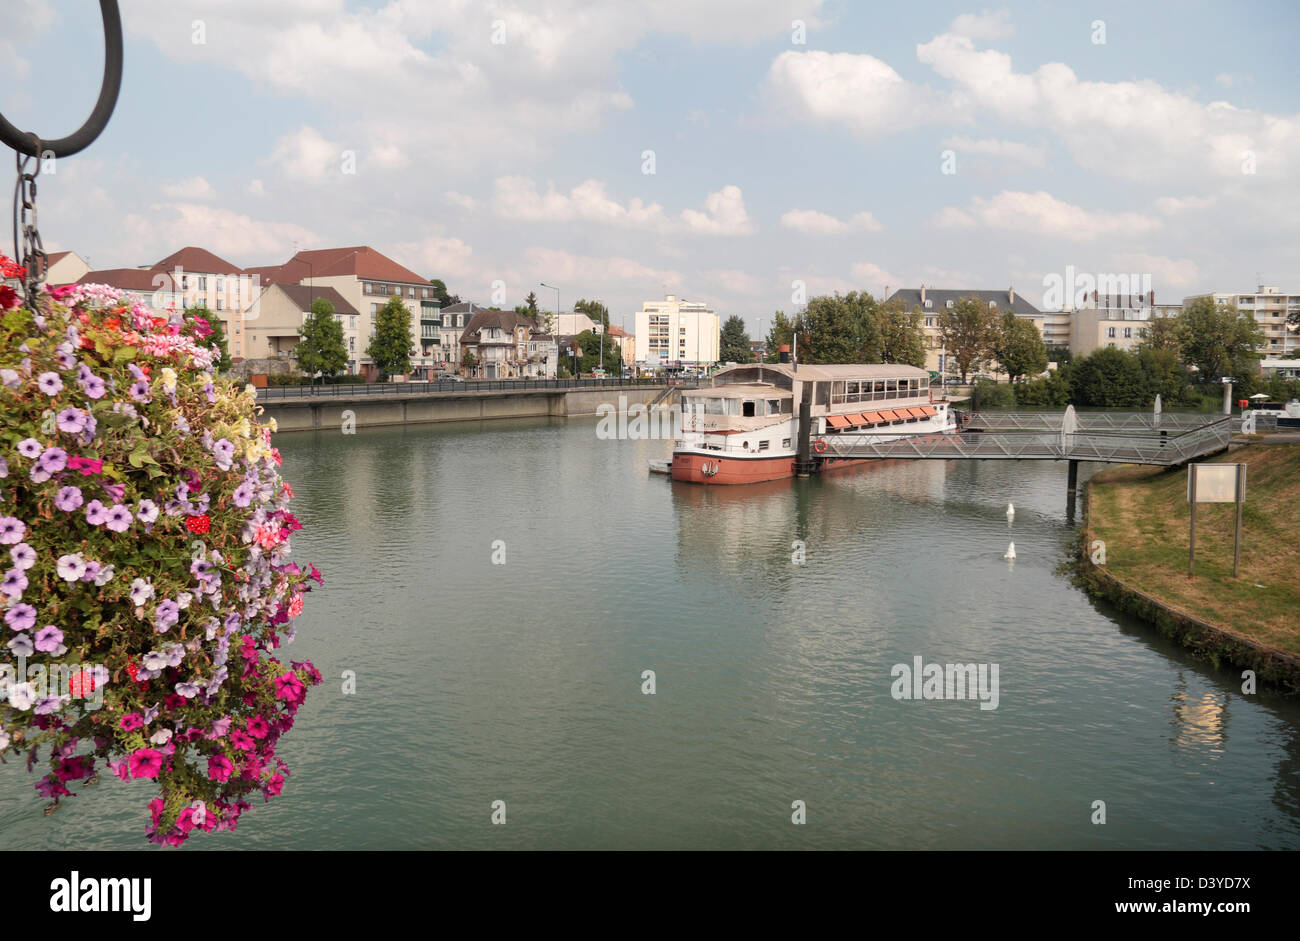 View along the River Marne towards the floating La Péniche restaurant,Meaux, Seine-et-Marne, Île-de-France, - Stock Image